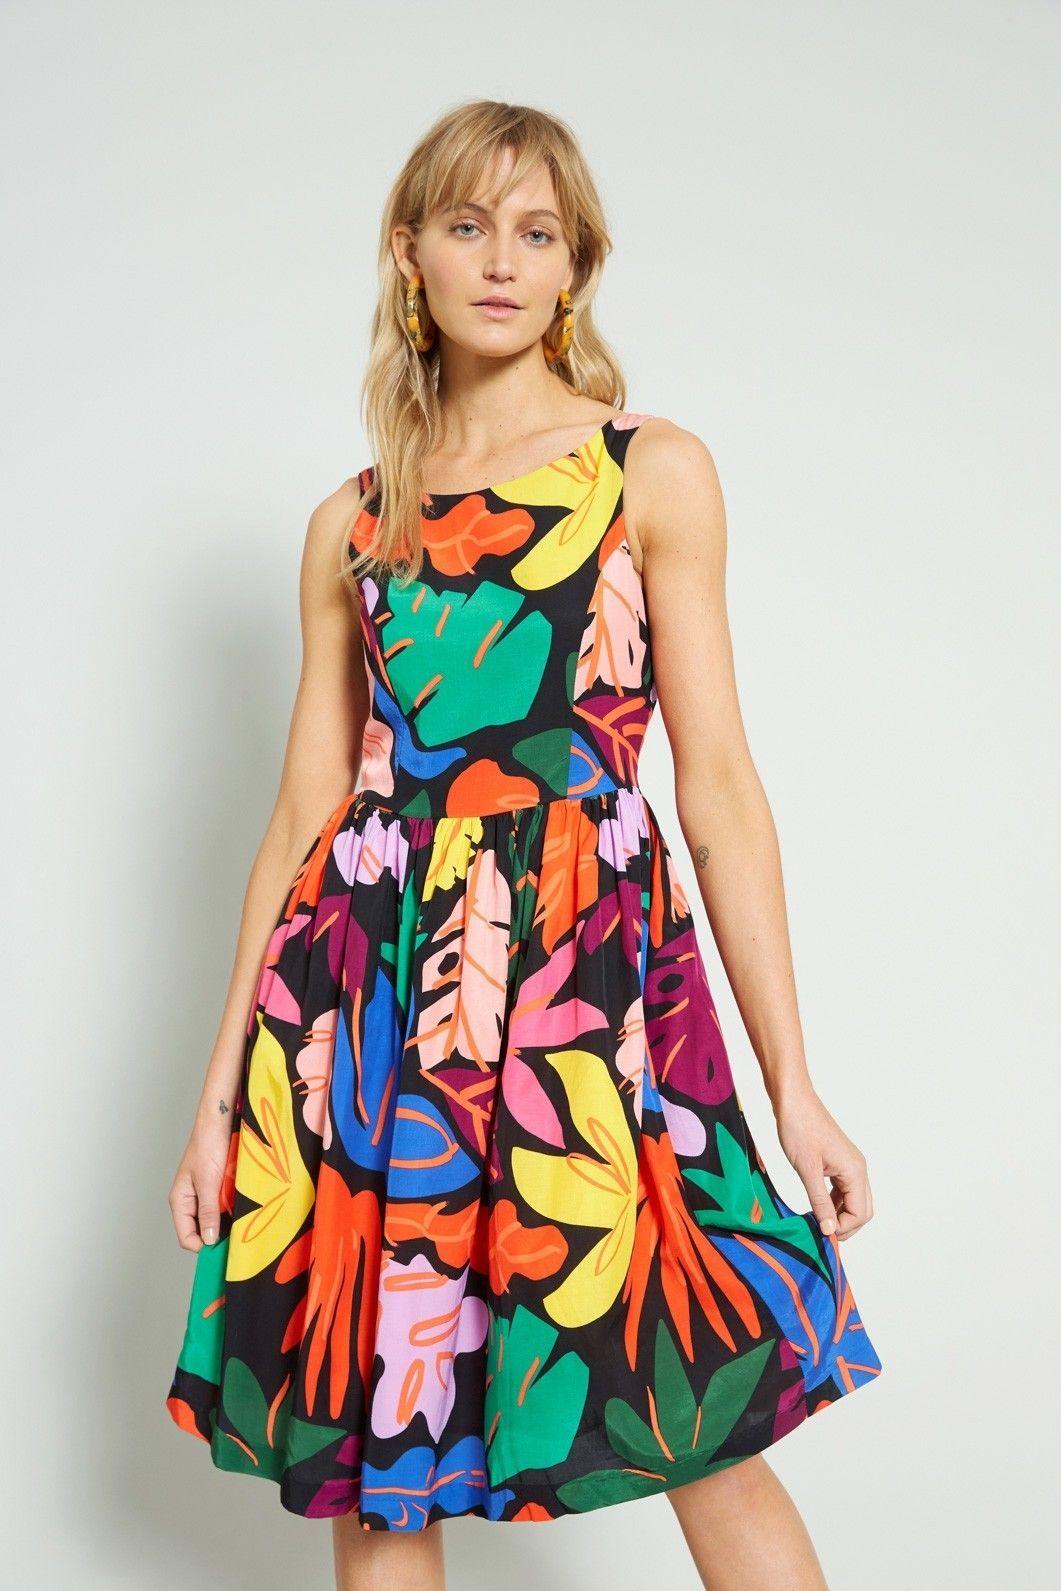 Gorman Summer 18 Frondsense Dress Column Heel Dresses Edgy Summer Fashion Summer Dresses Diy [ 1591 x 1061 Pixel ]